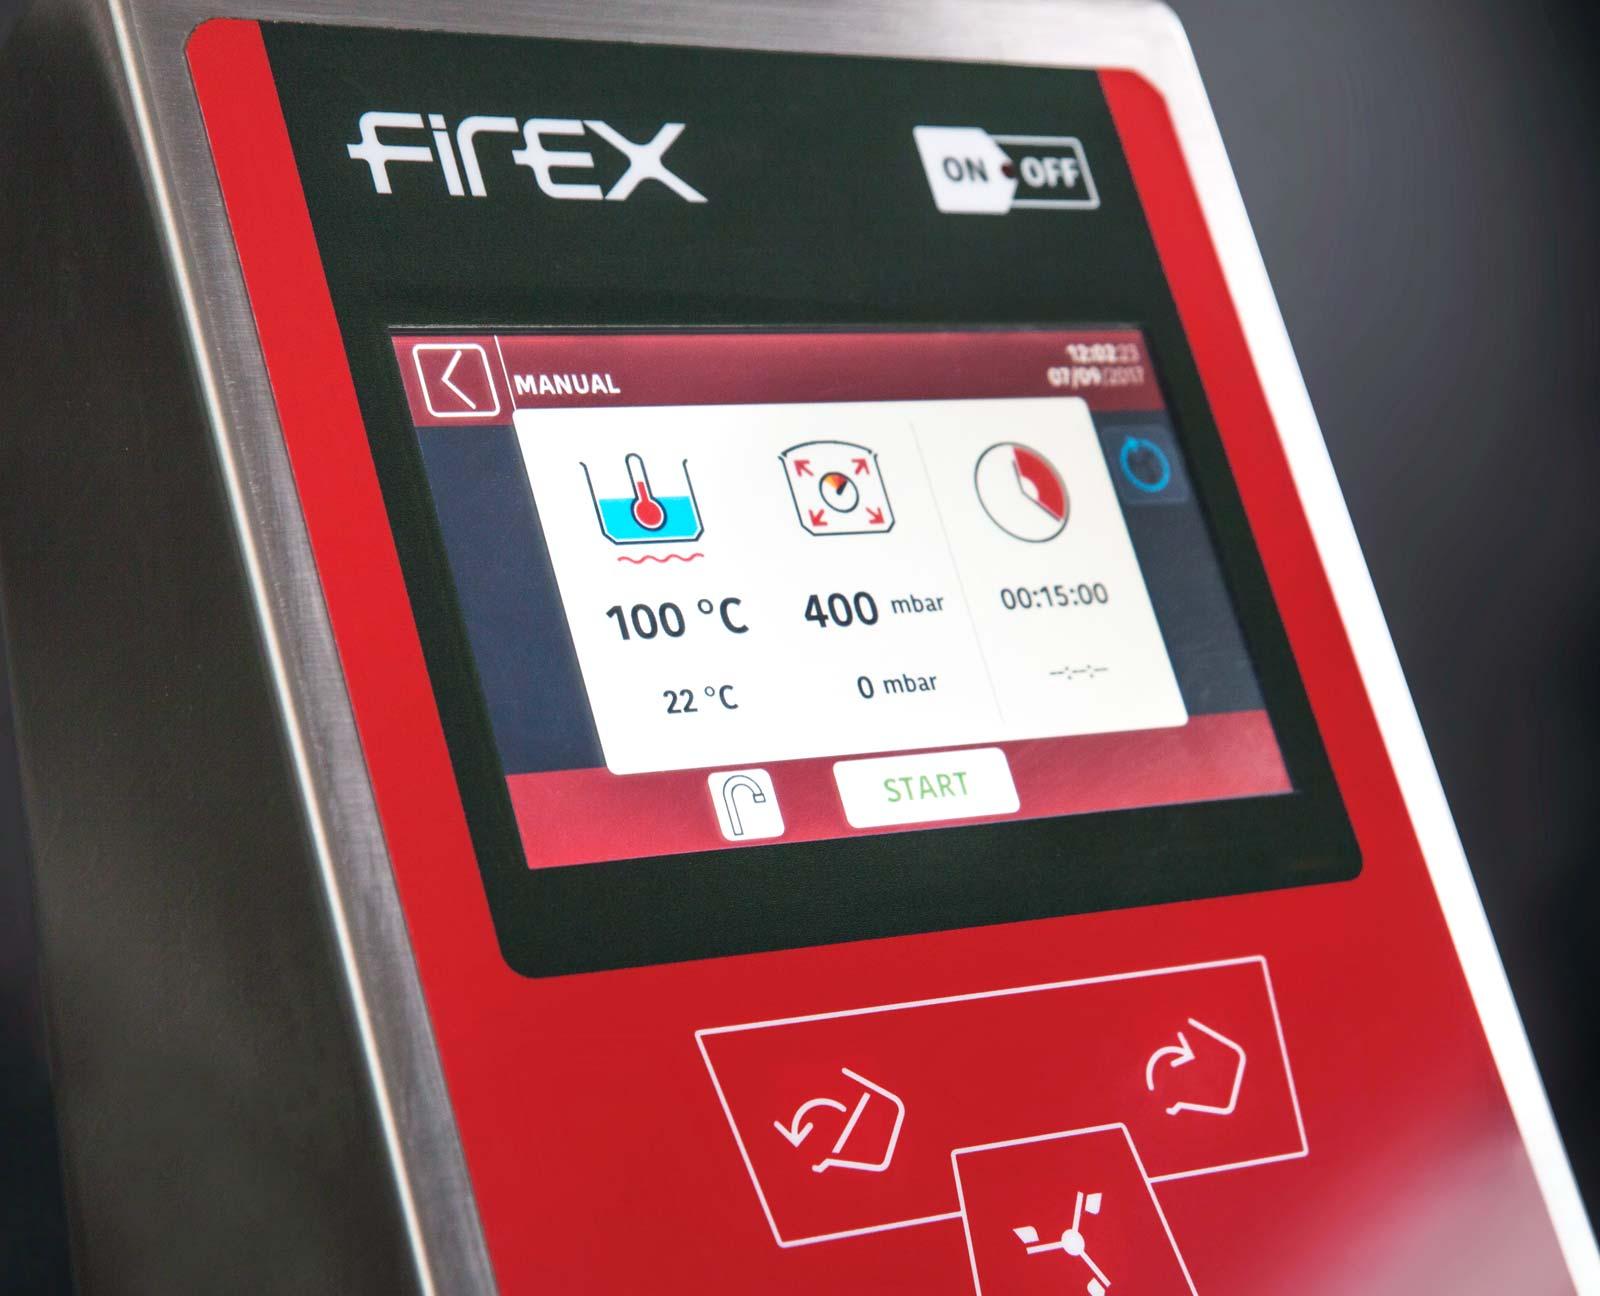 FTC - Firex Touchscreen